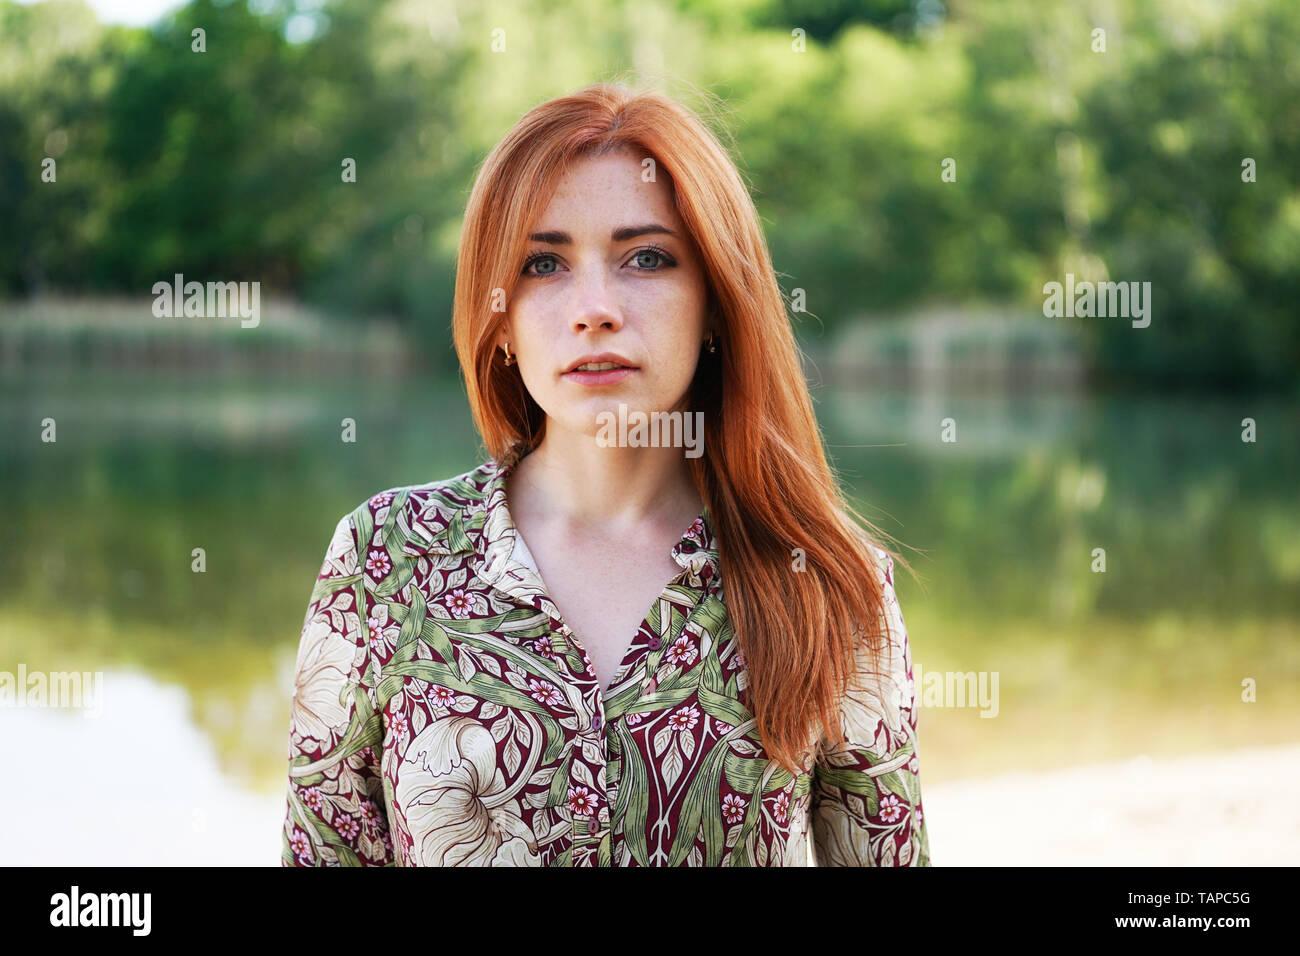 Cool et confiante jeune femme portant robe motif floral avec de longs cheveux rouges par le lac - authentique des personnes réelles Banque D'Images